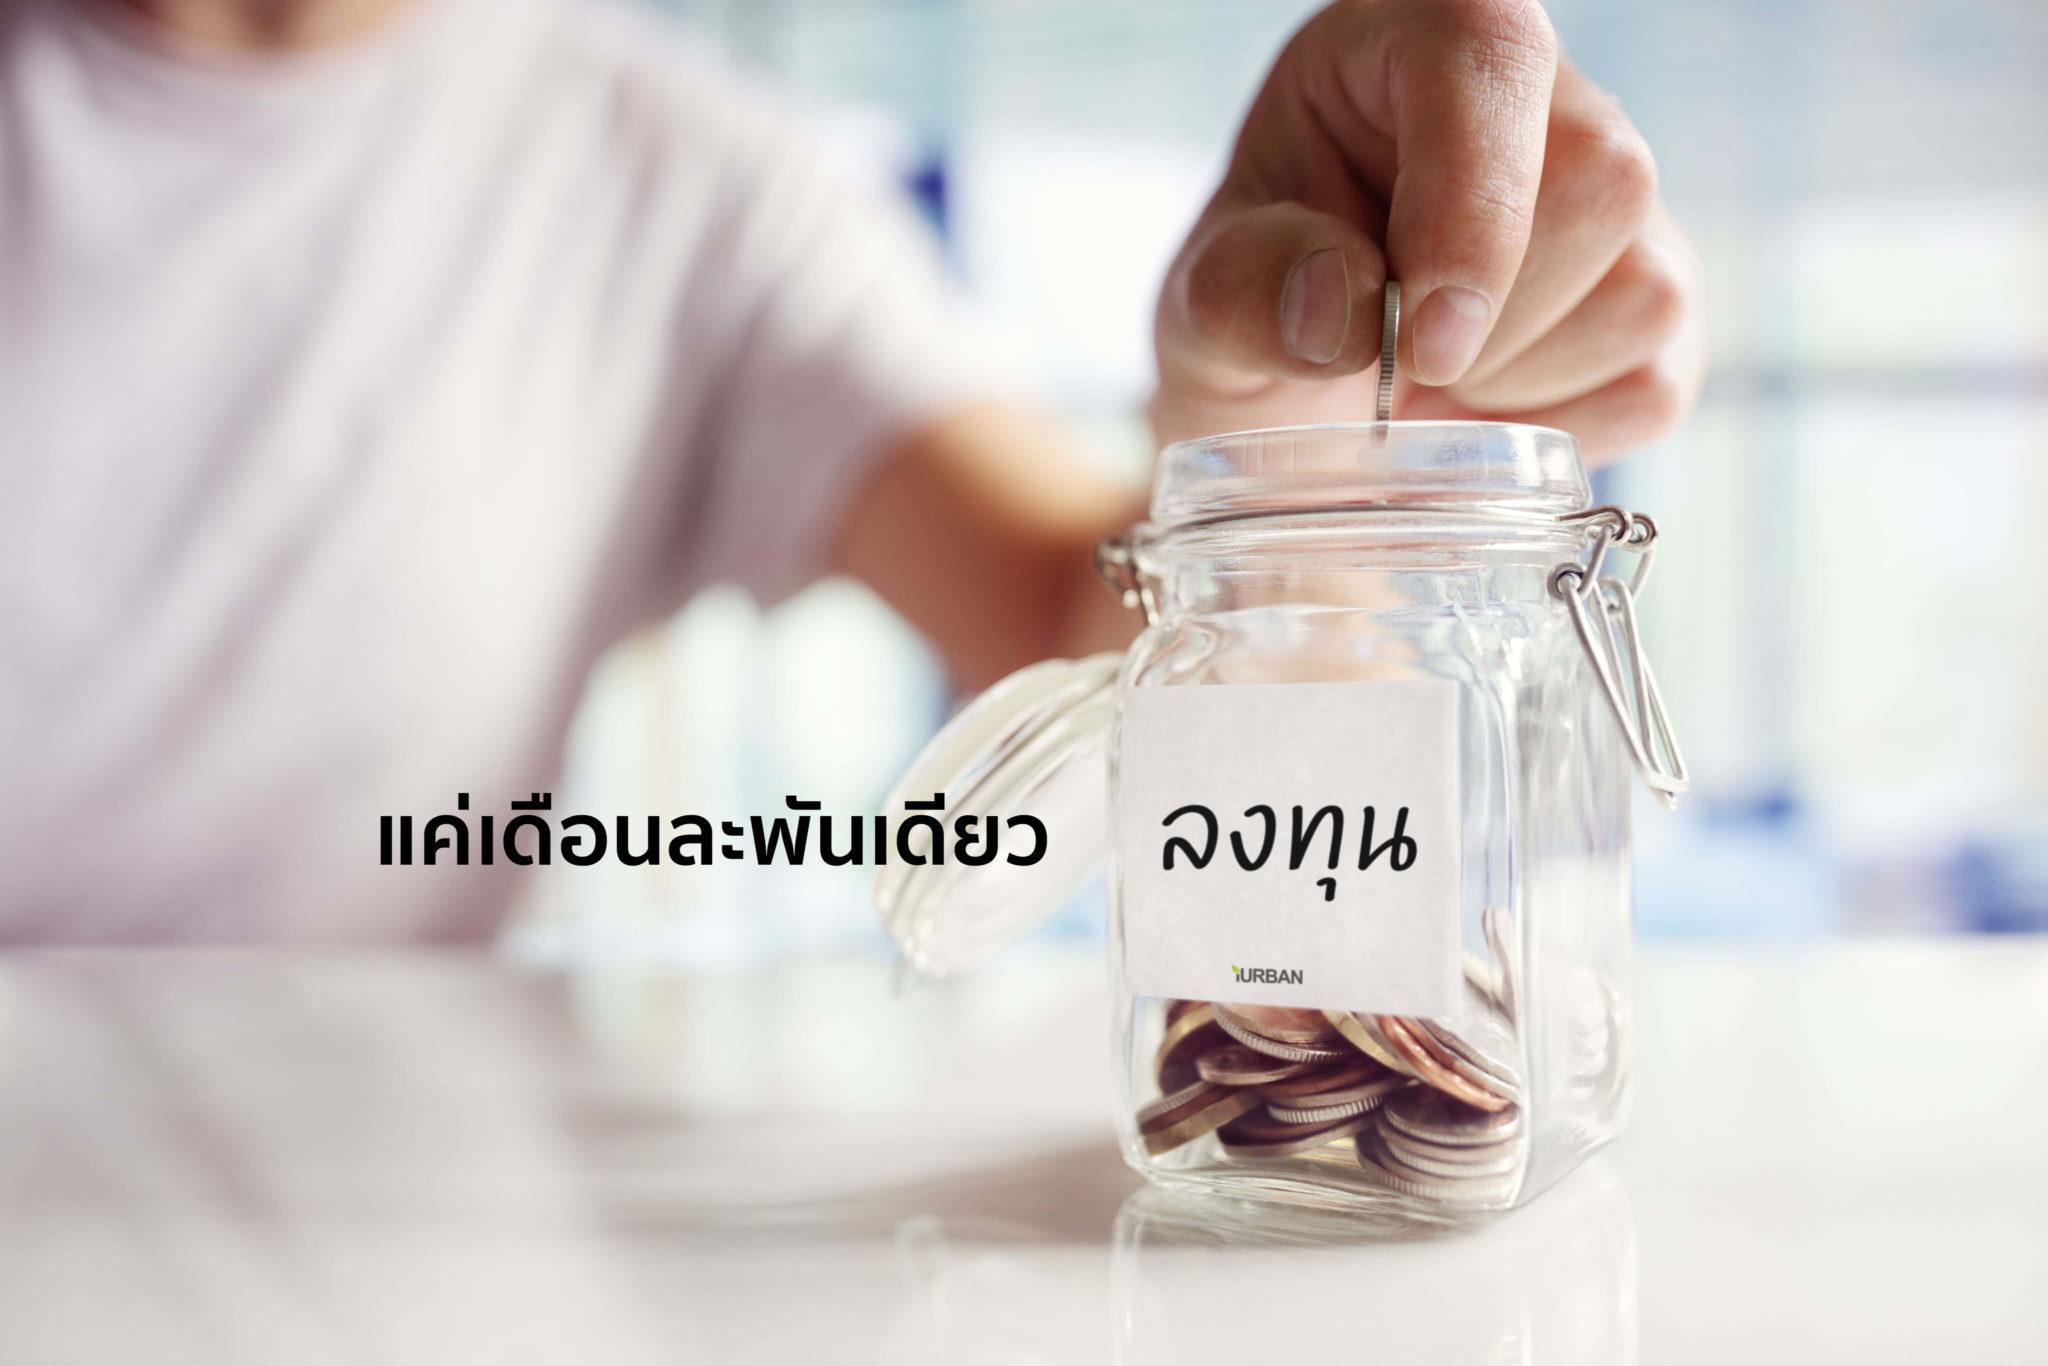 """5 ขั้นตอนเริ่มต้นเป็น """"นักลงทุนมือใหม่"""" ง่ายๆ ด้วยเงินเพียง 1,000 บาทต่อเดือน 2 - Investment"""